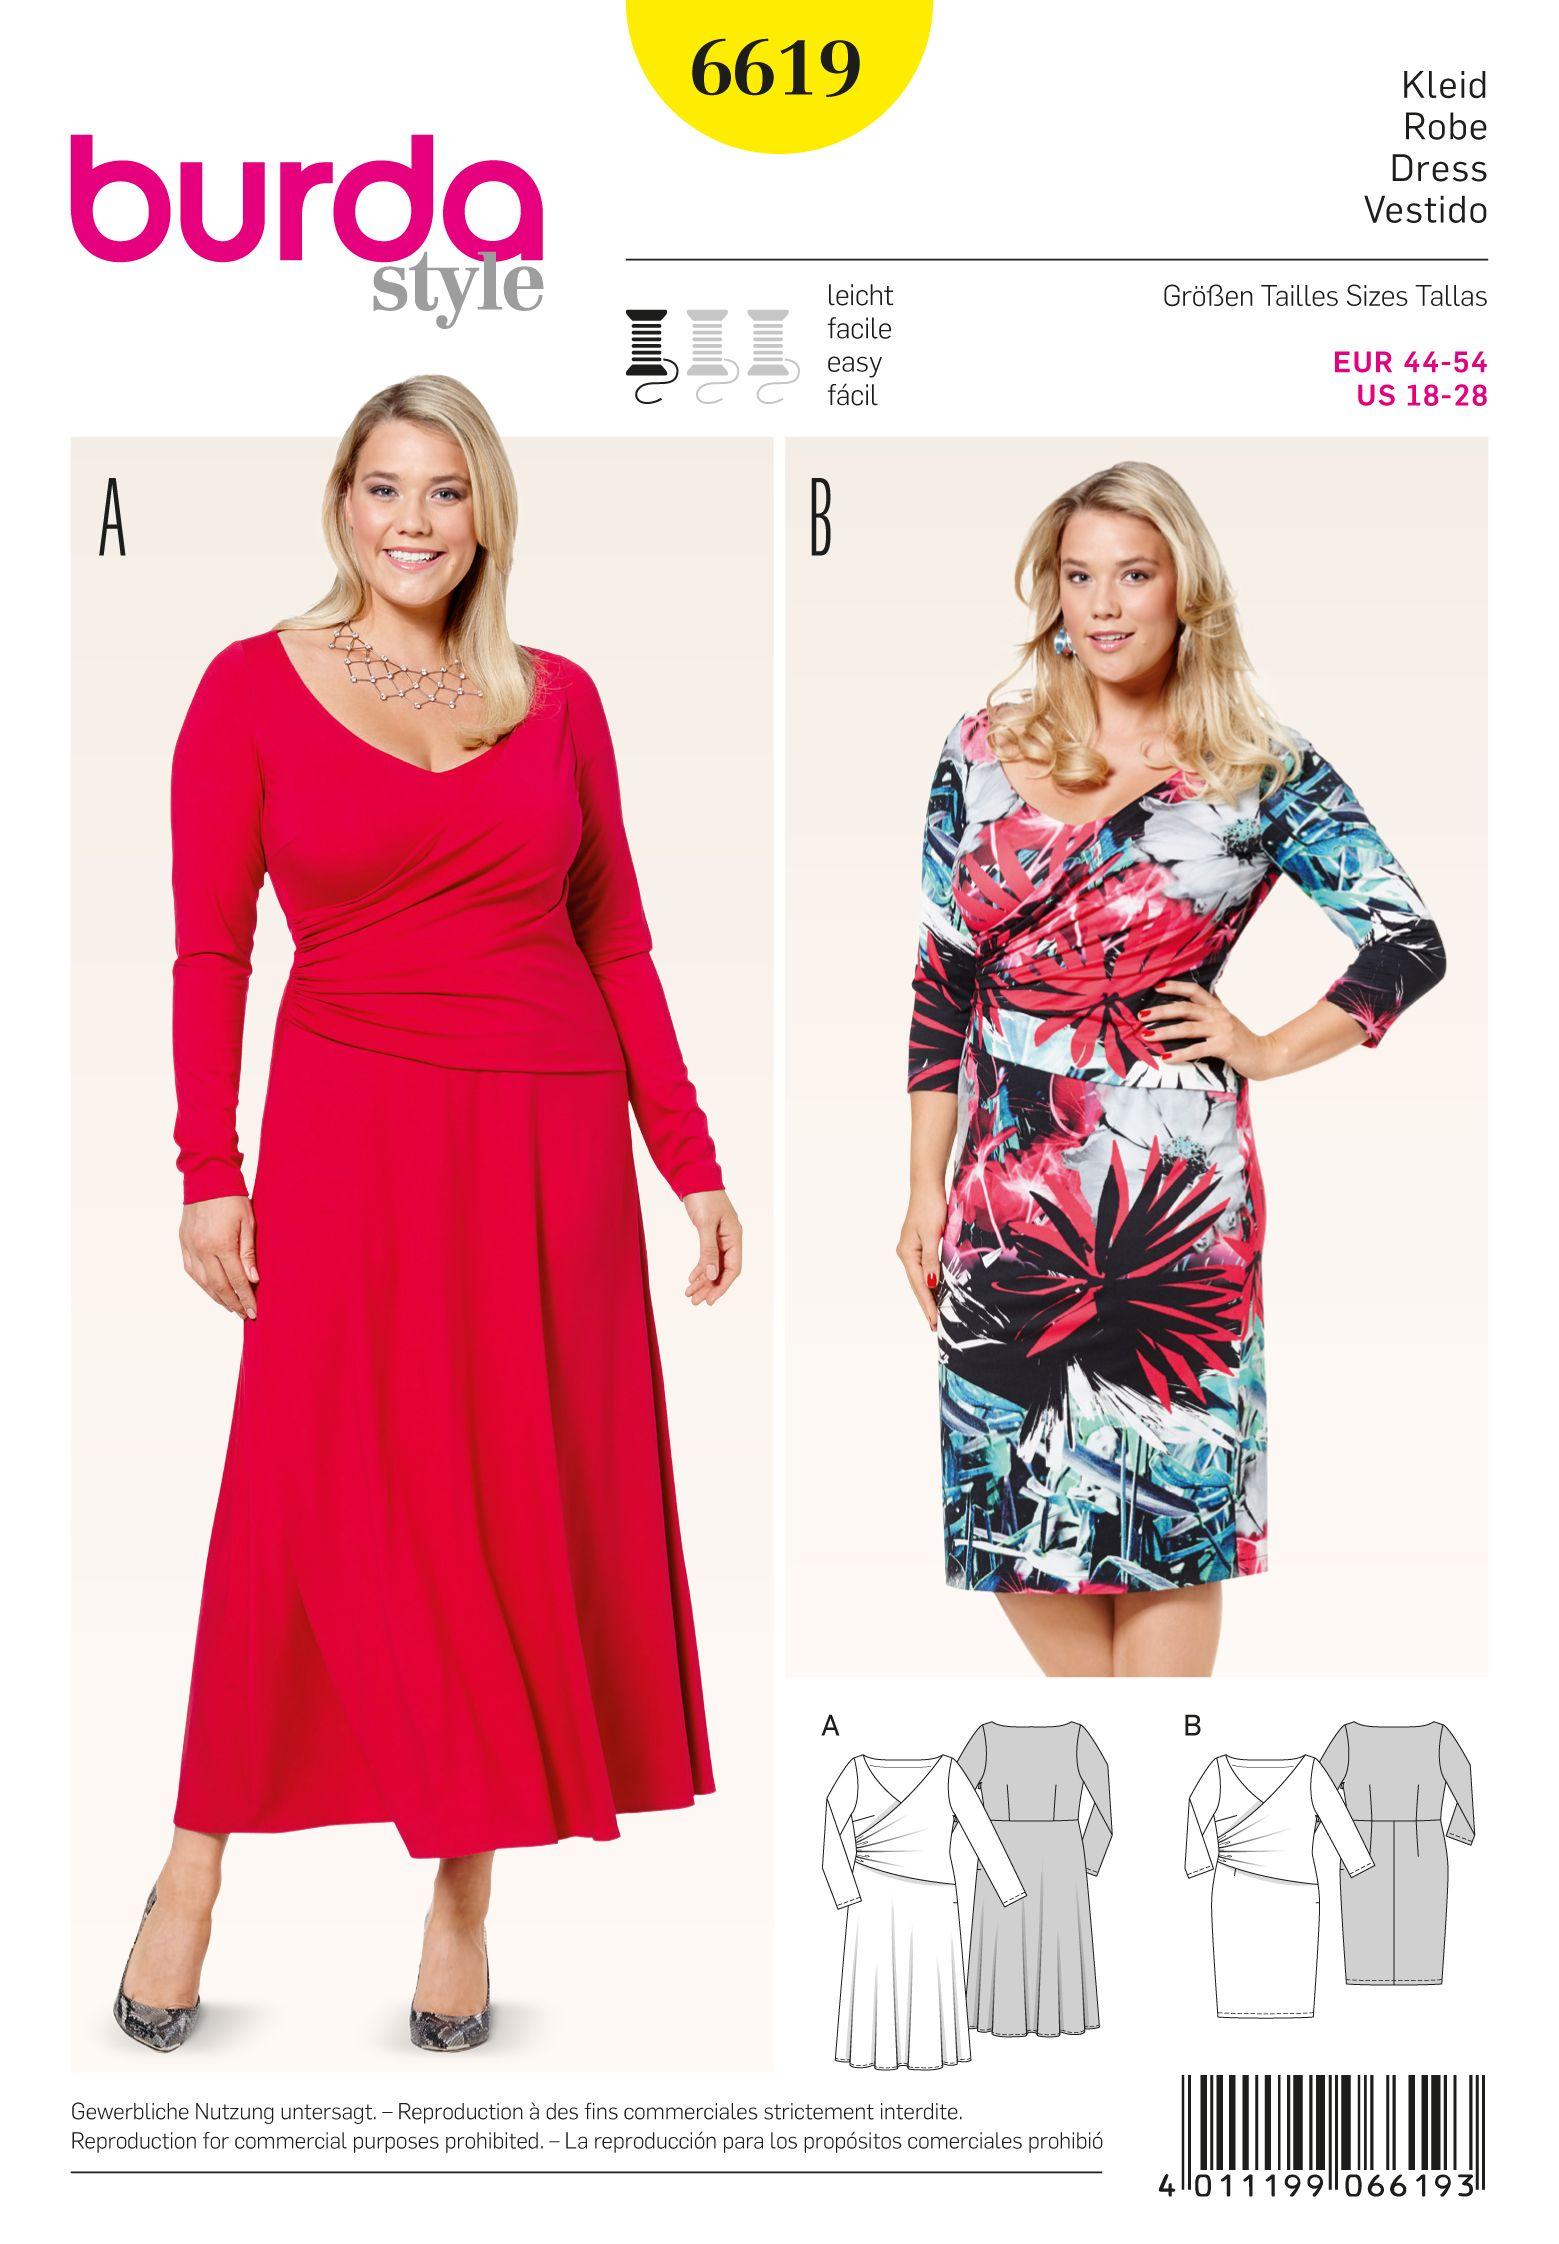 Burda 6619 Knit Dress Pattern Burda Style Sewing Dresses [ 2244 x 1559 Pixel ]